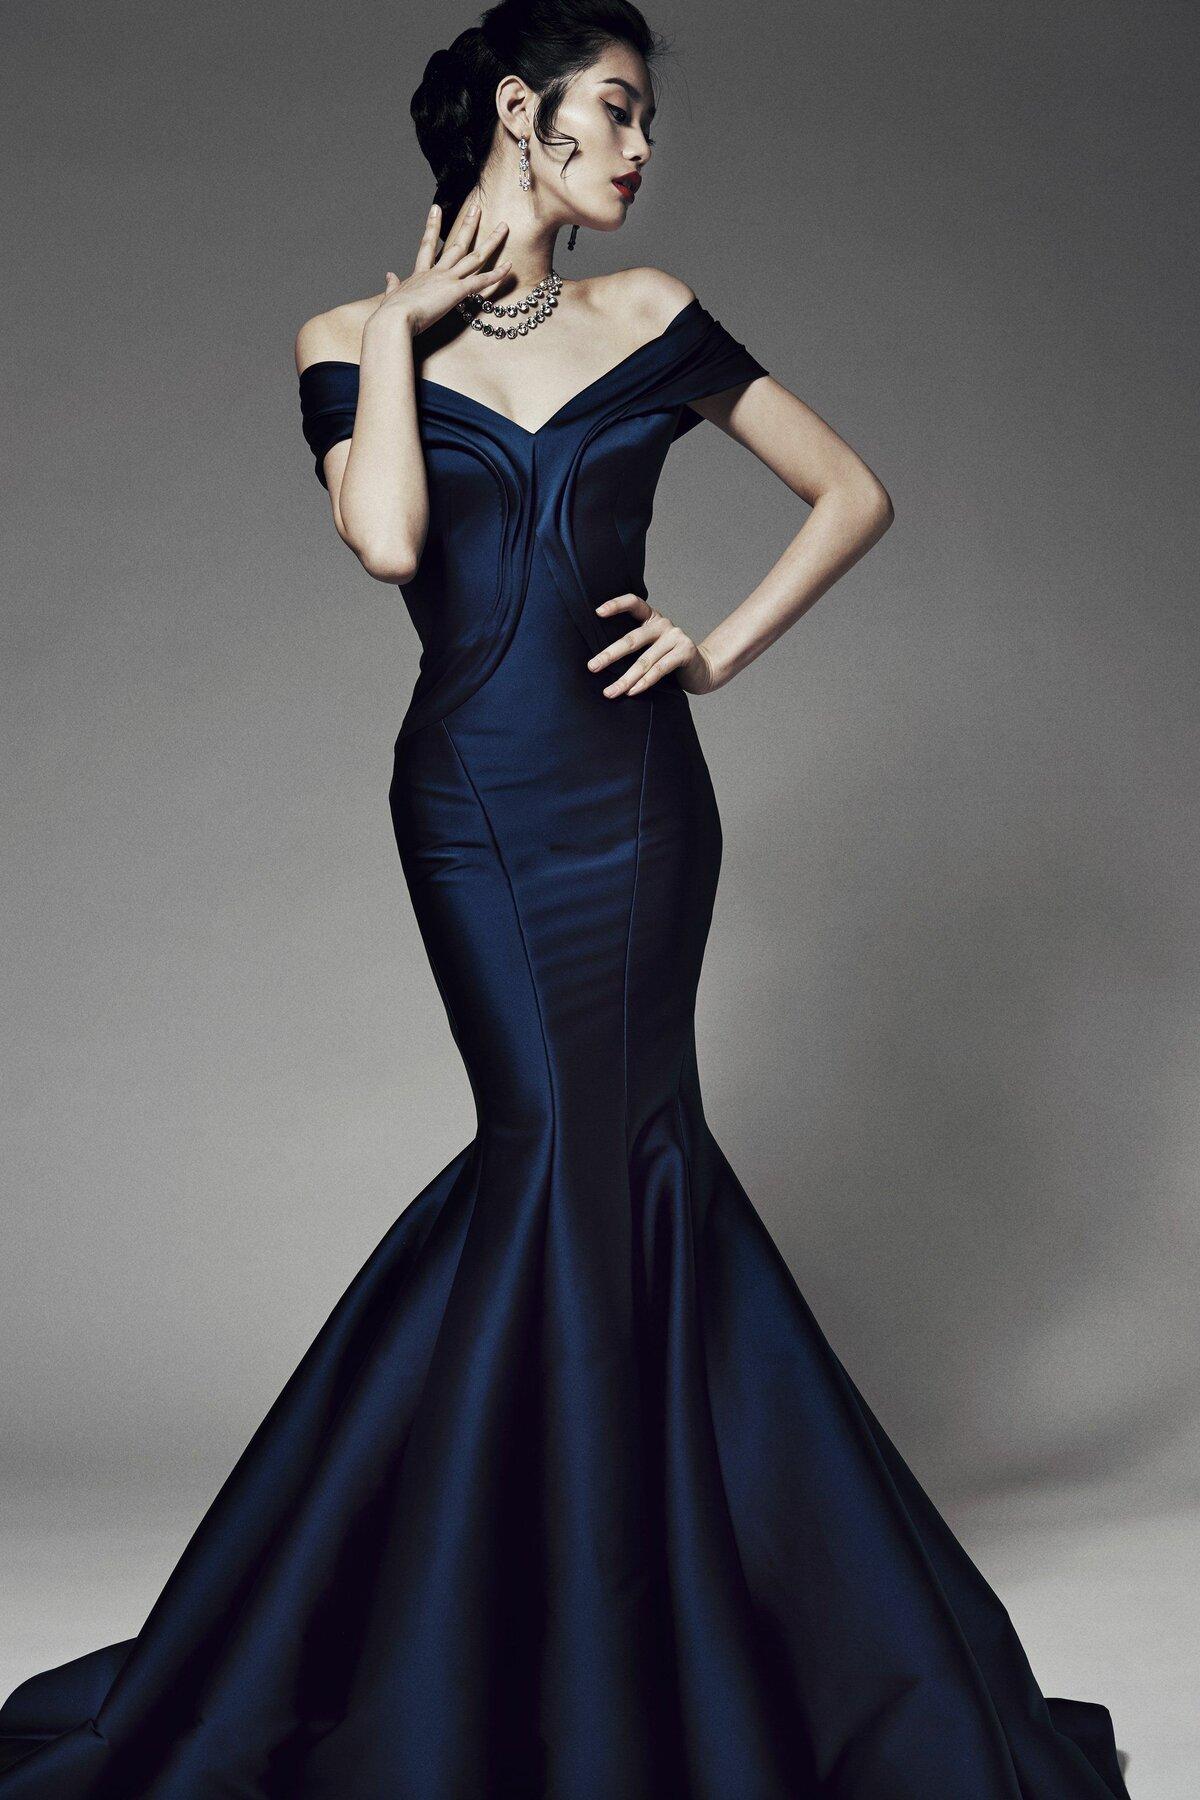 консерватории, самые красивые платья мира фото вечерние ваша фотография